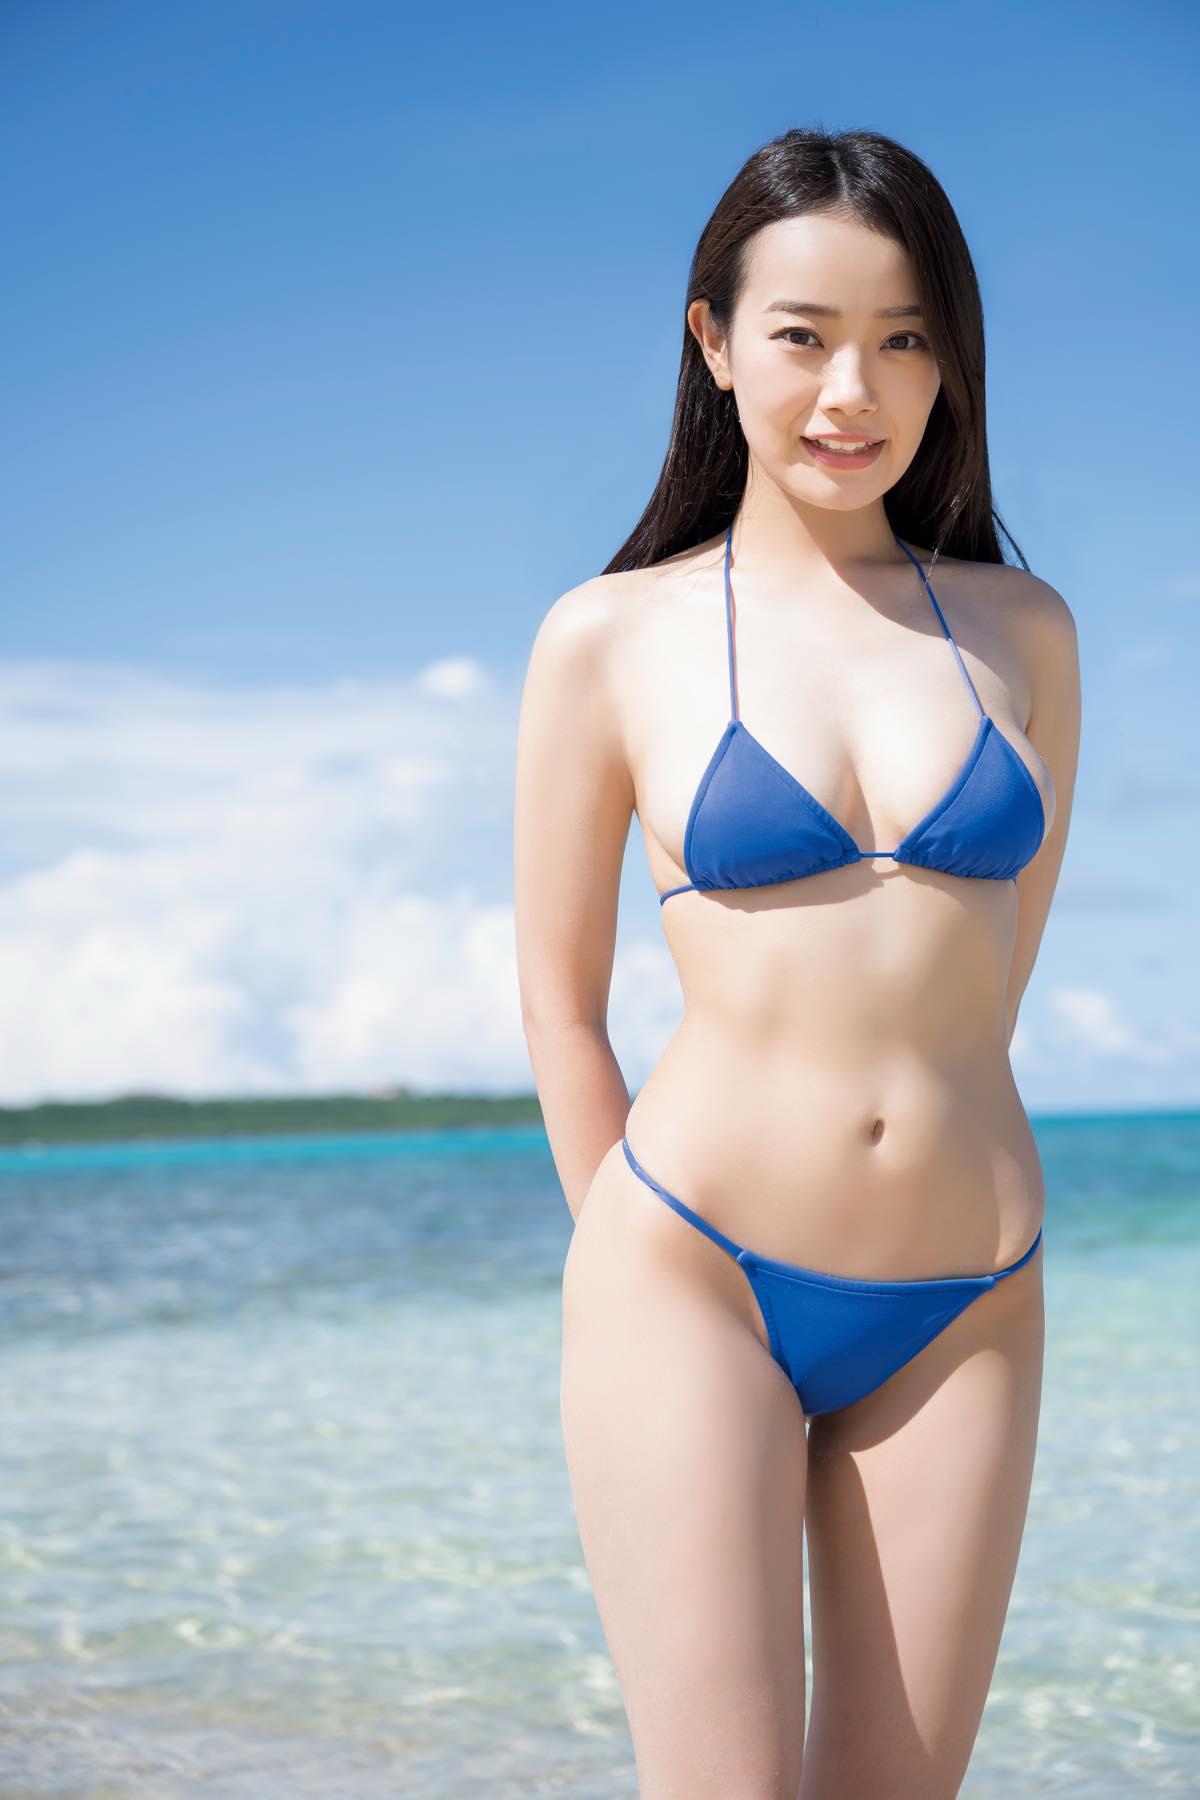 青科まき「美くびれボディ」を誇るネコ目娘がグラビアデビュー【写真9枚】の画像001